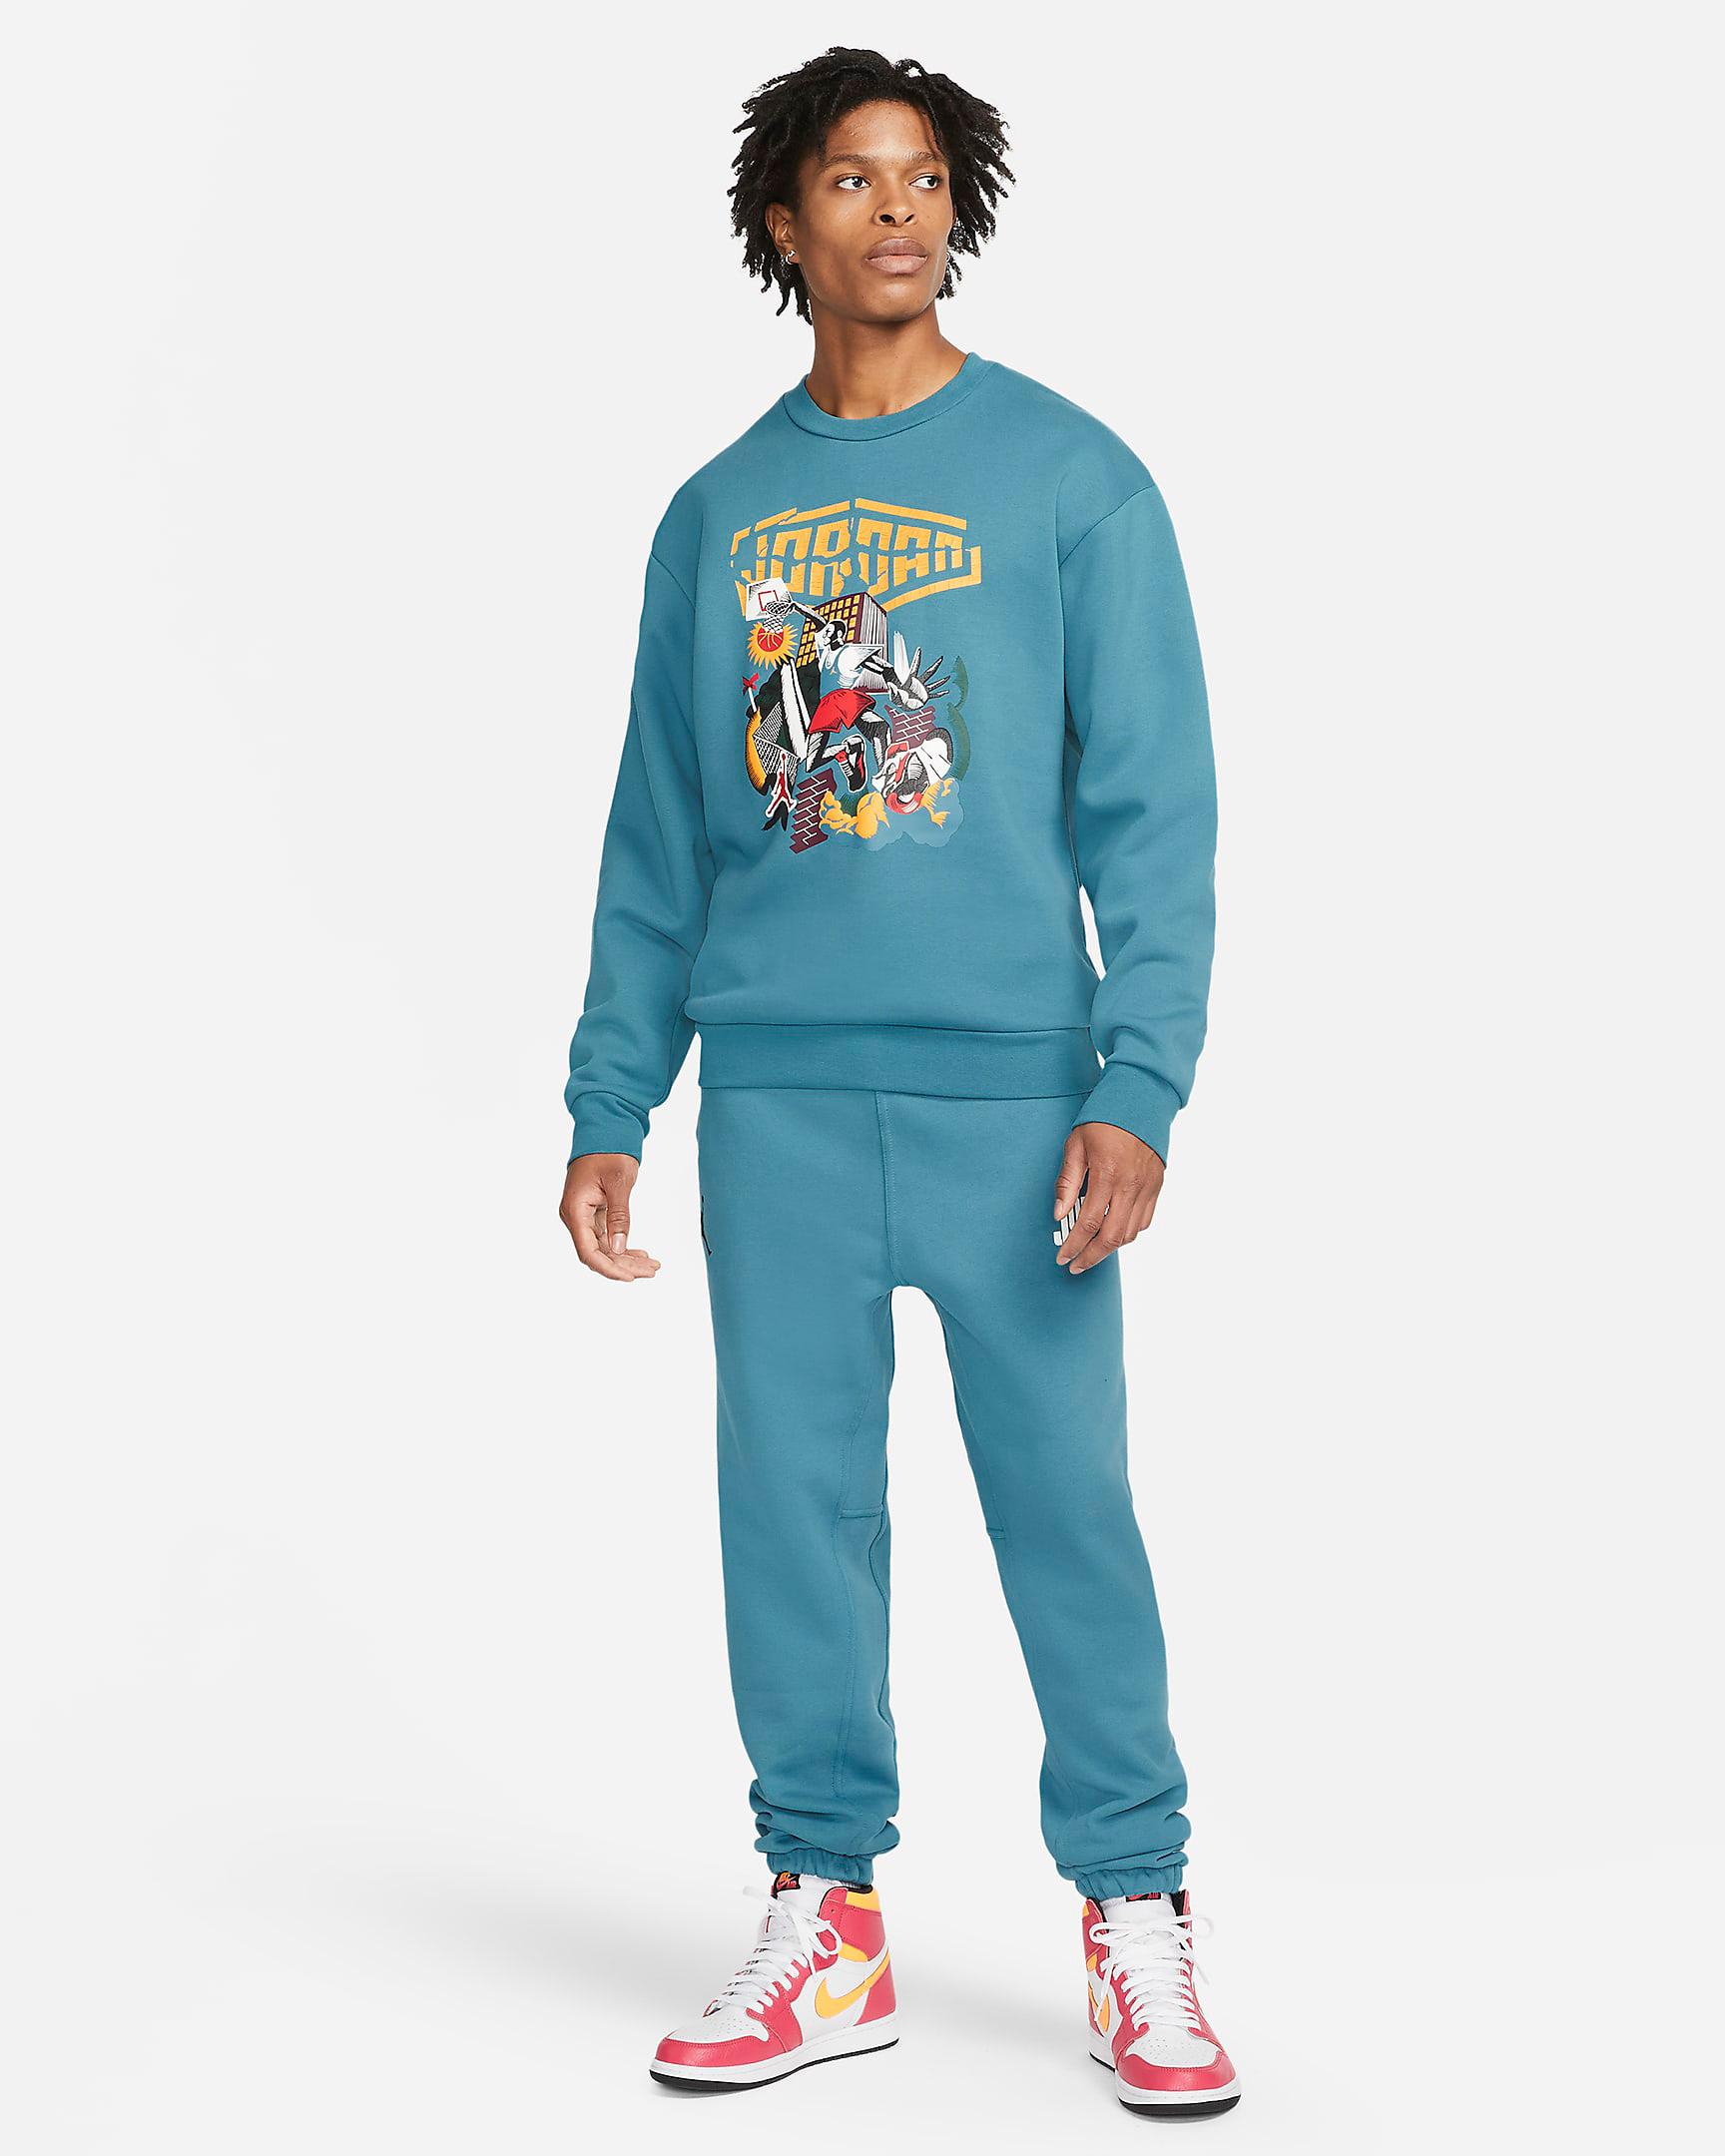 jordan-rift-blue-sport-dna-clothing